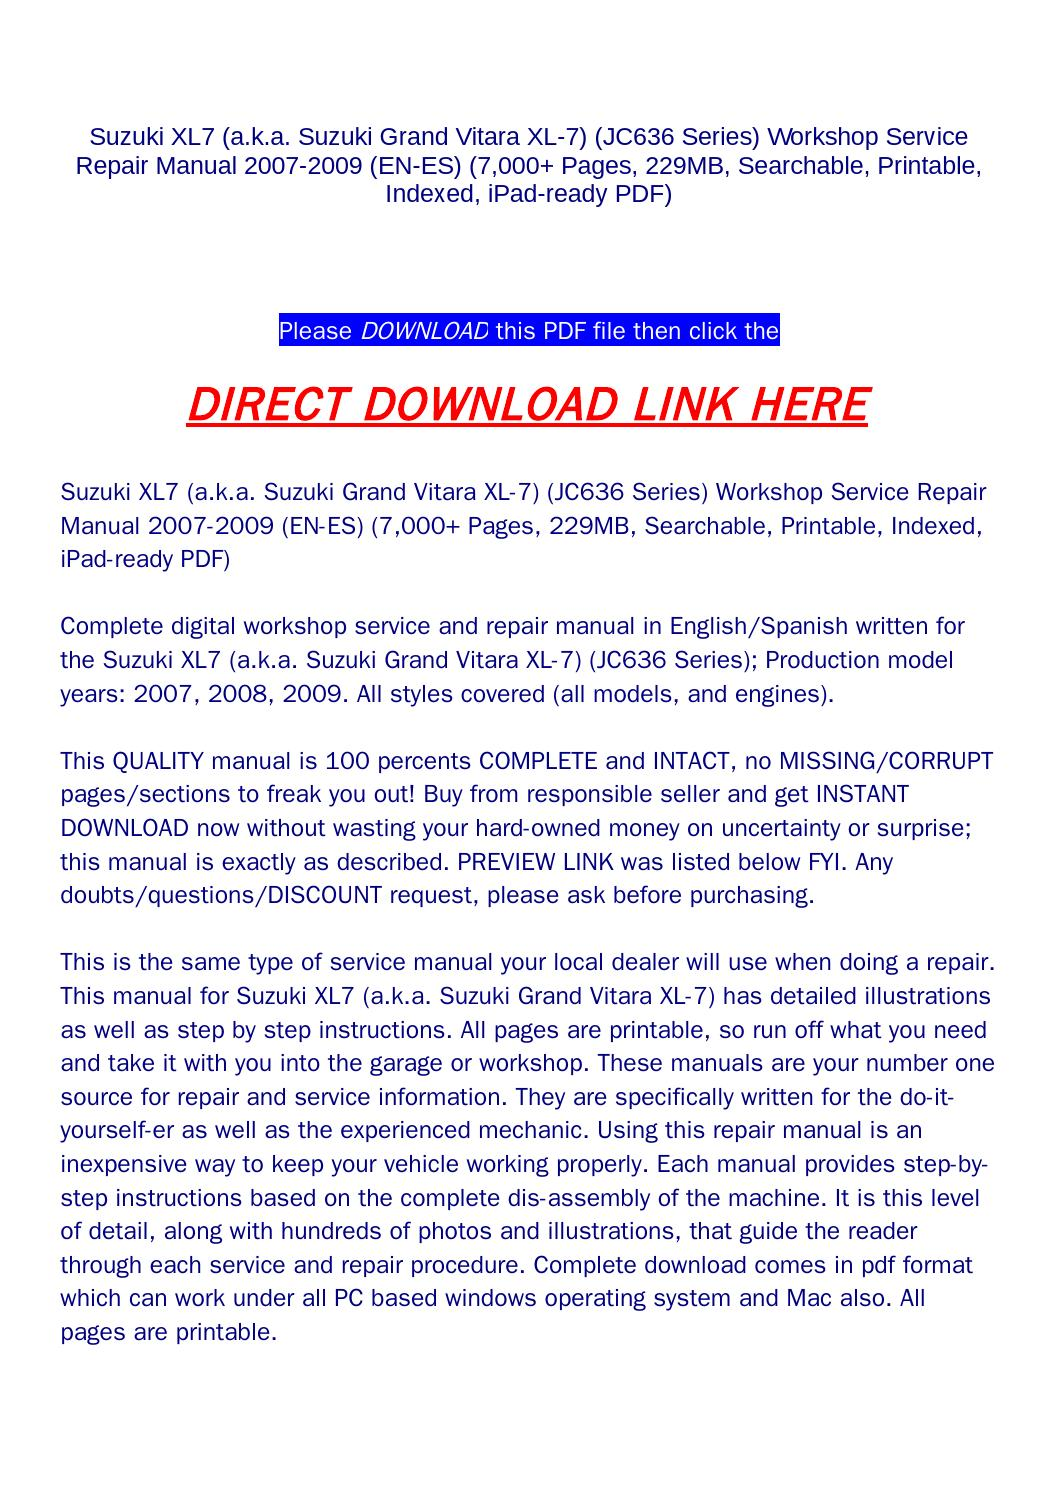 suzuki grand vitara 2007 manual pdf